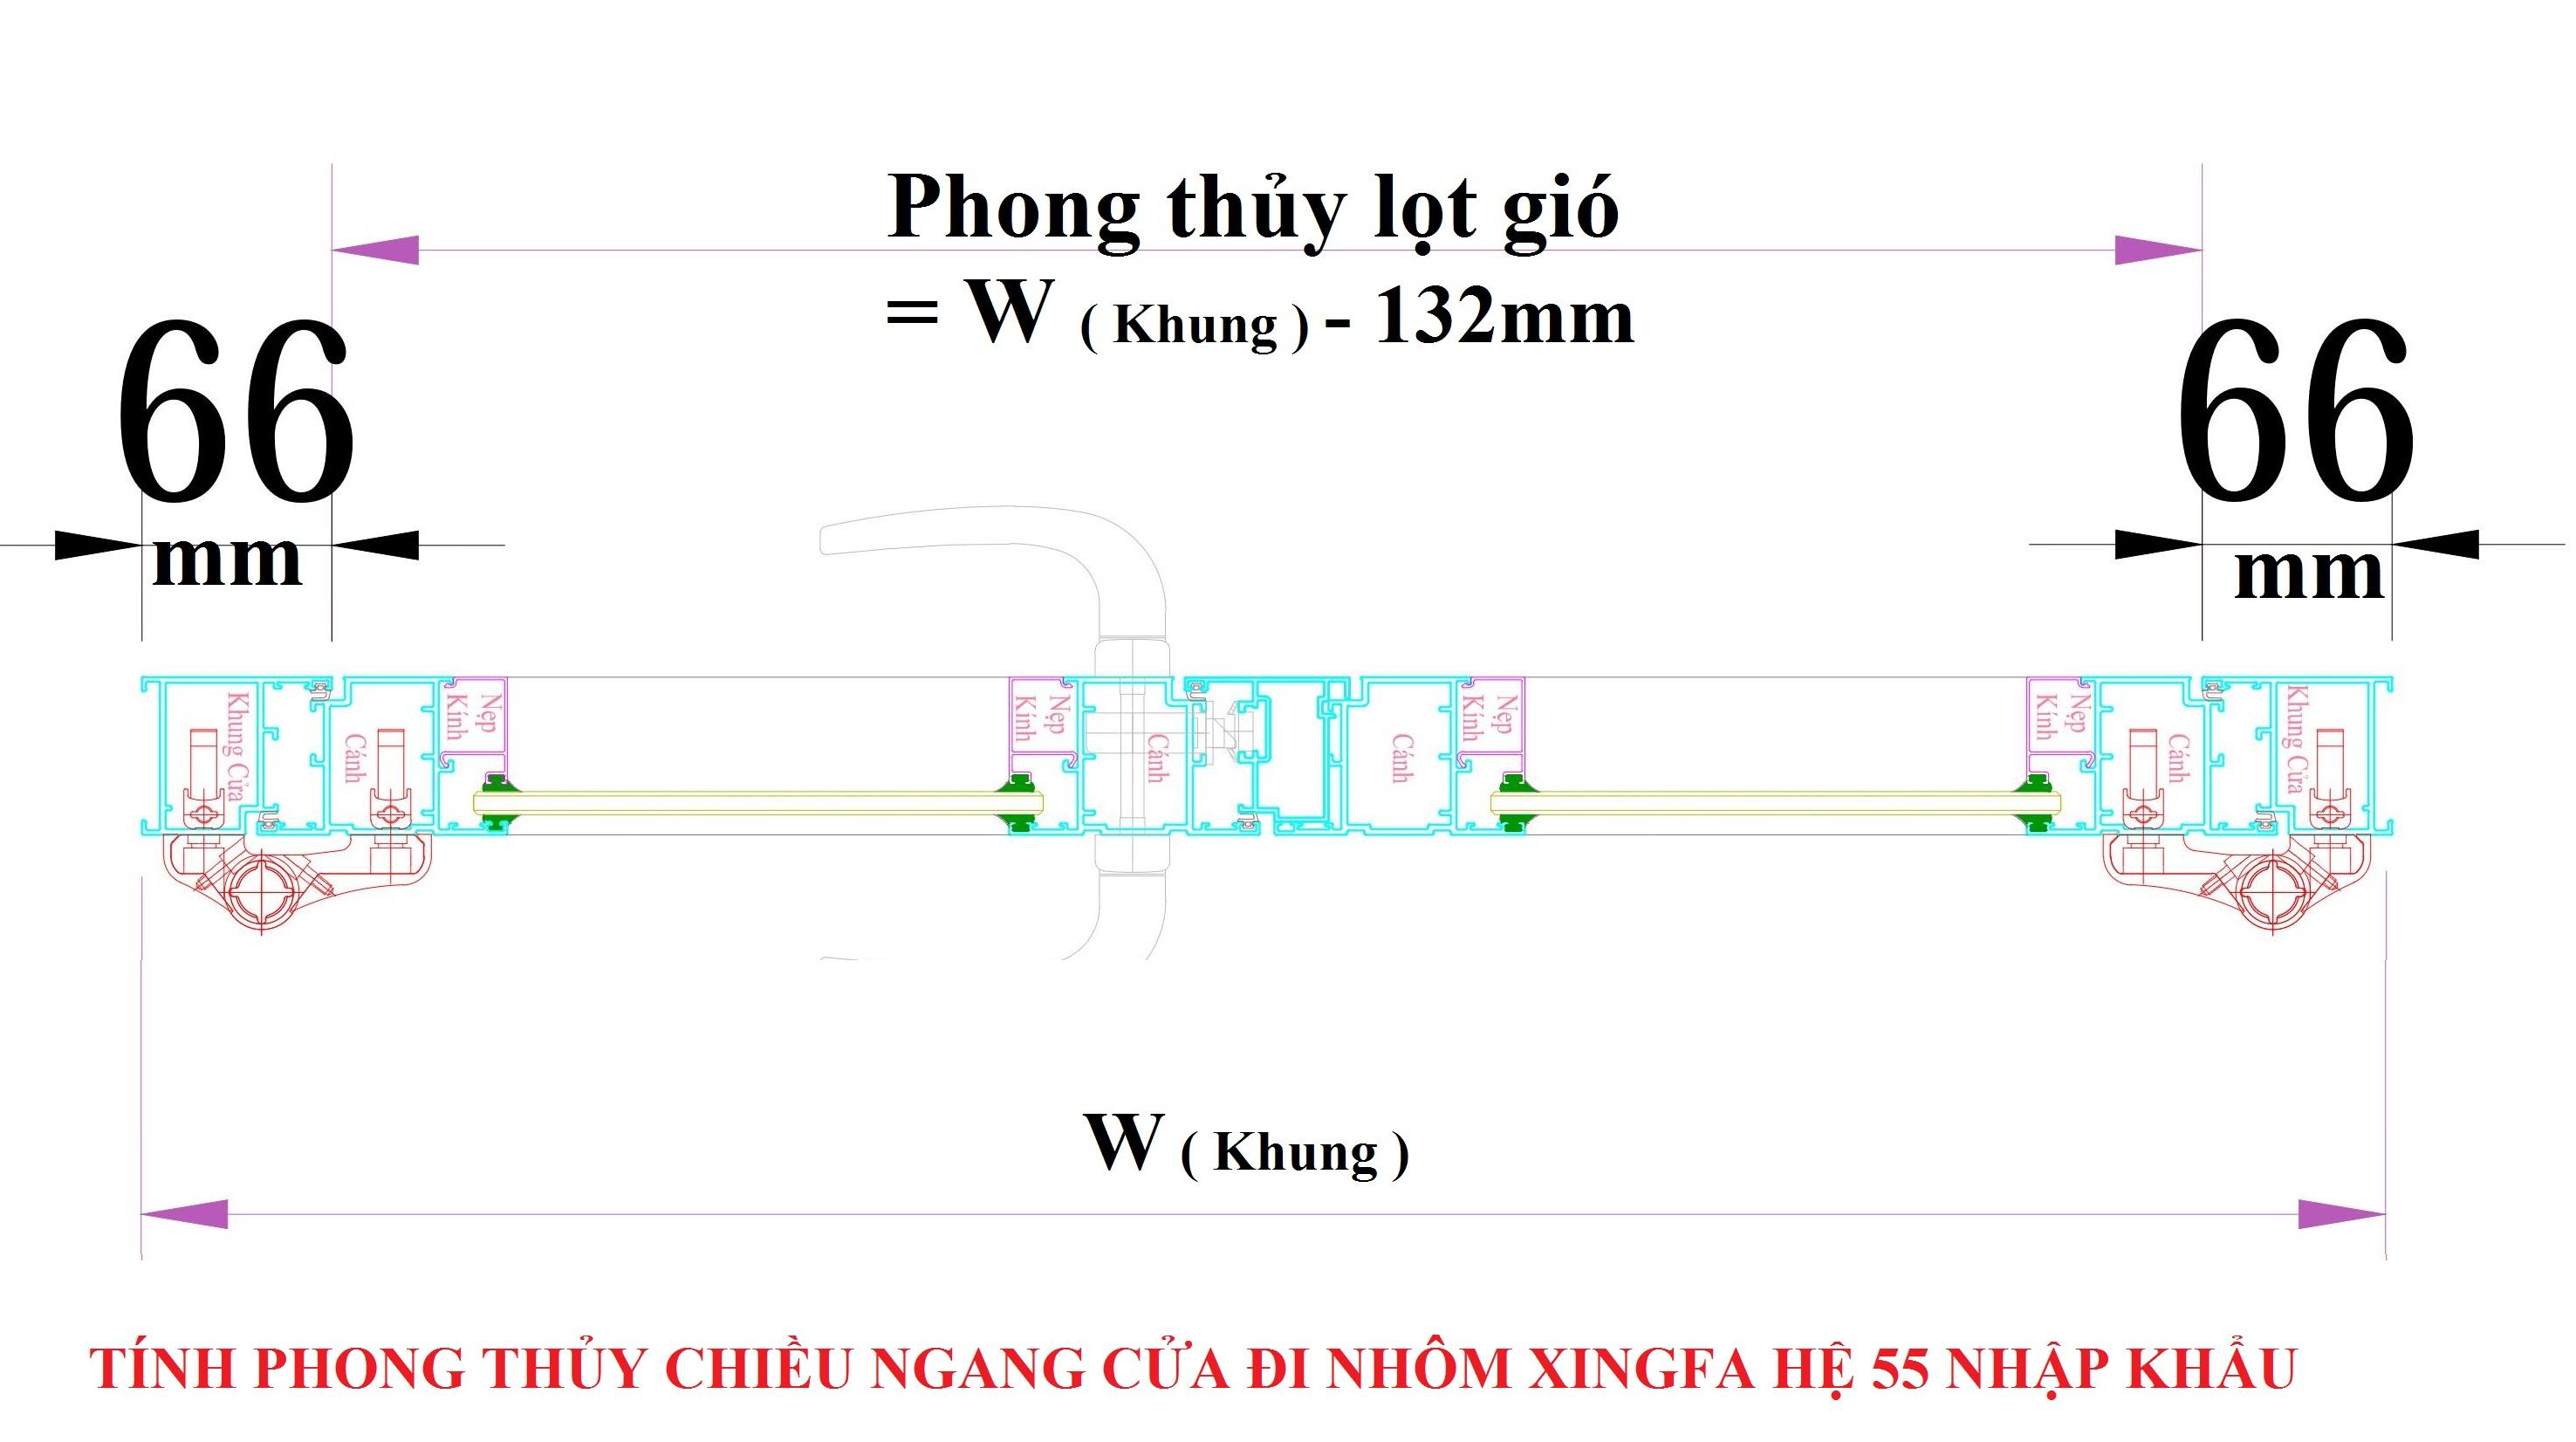 http://alaskawindow.vn/san-pham/cua-nhom-xingfa-nhap-khau-pk-kinlong/